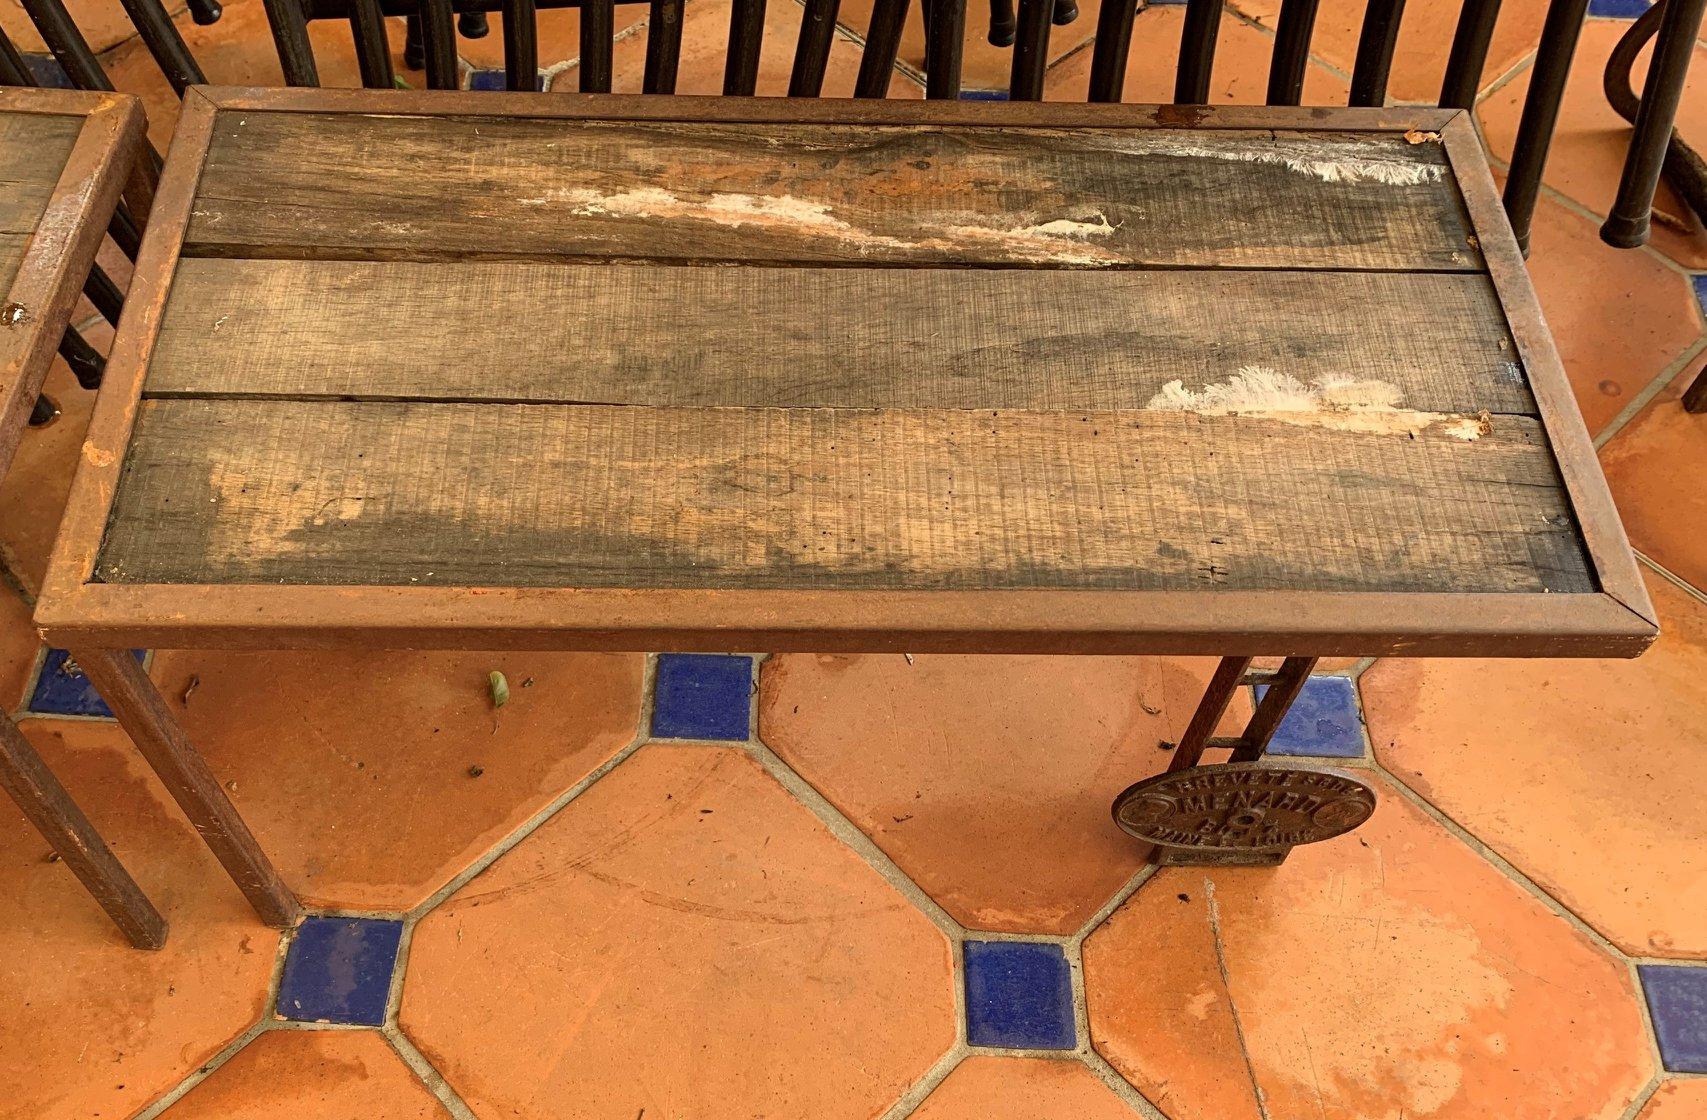 restauration-meuble-bois-et-metal-lisle-jourdain-04